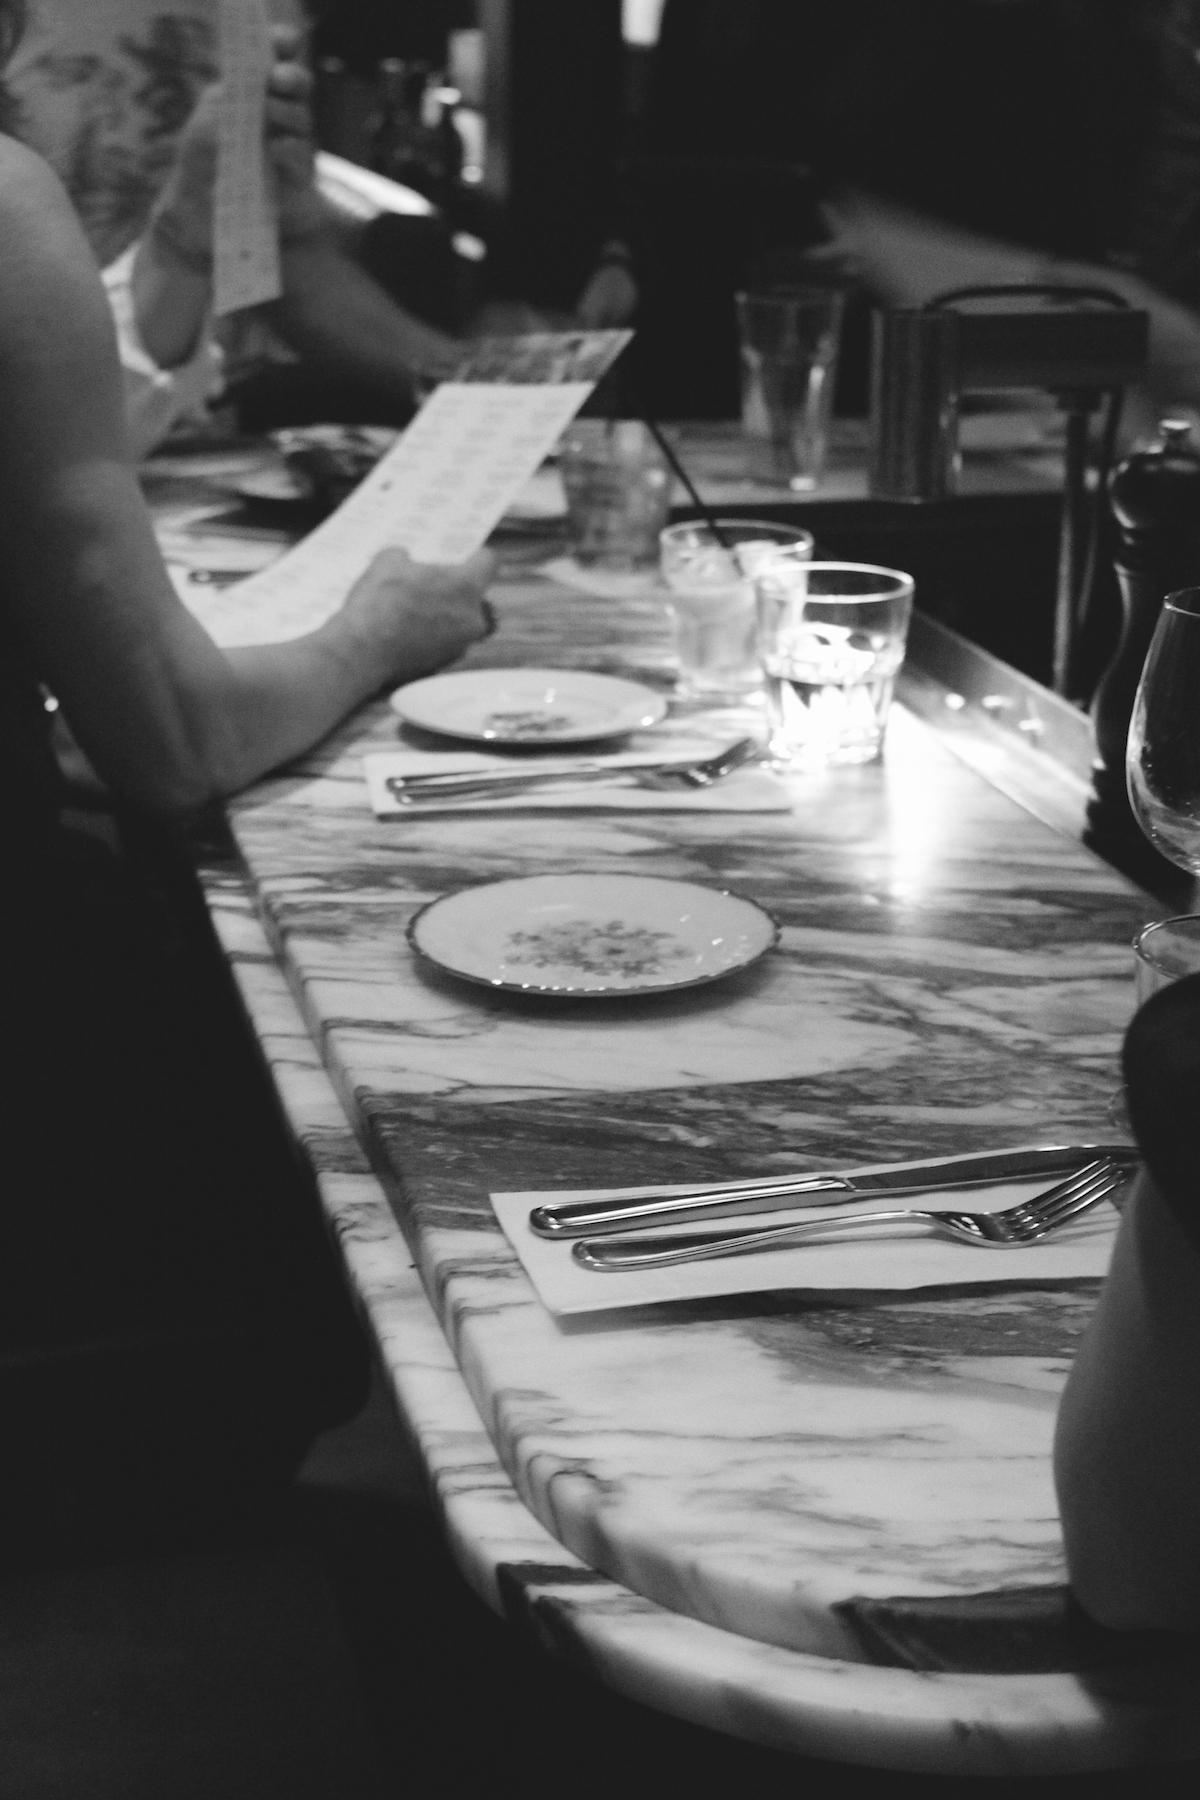 restaurant_parm_montreal_querelles_06